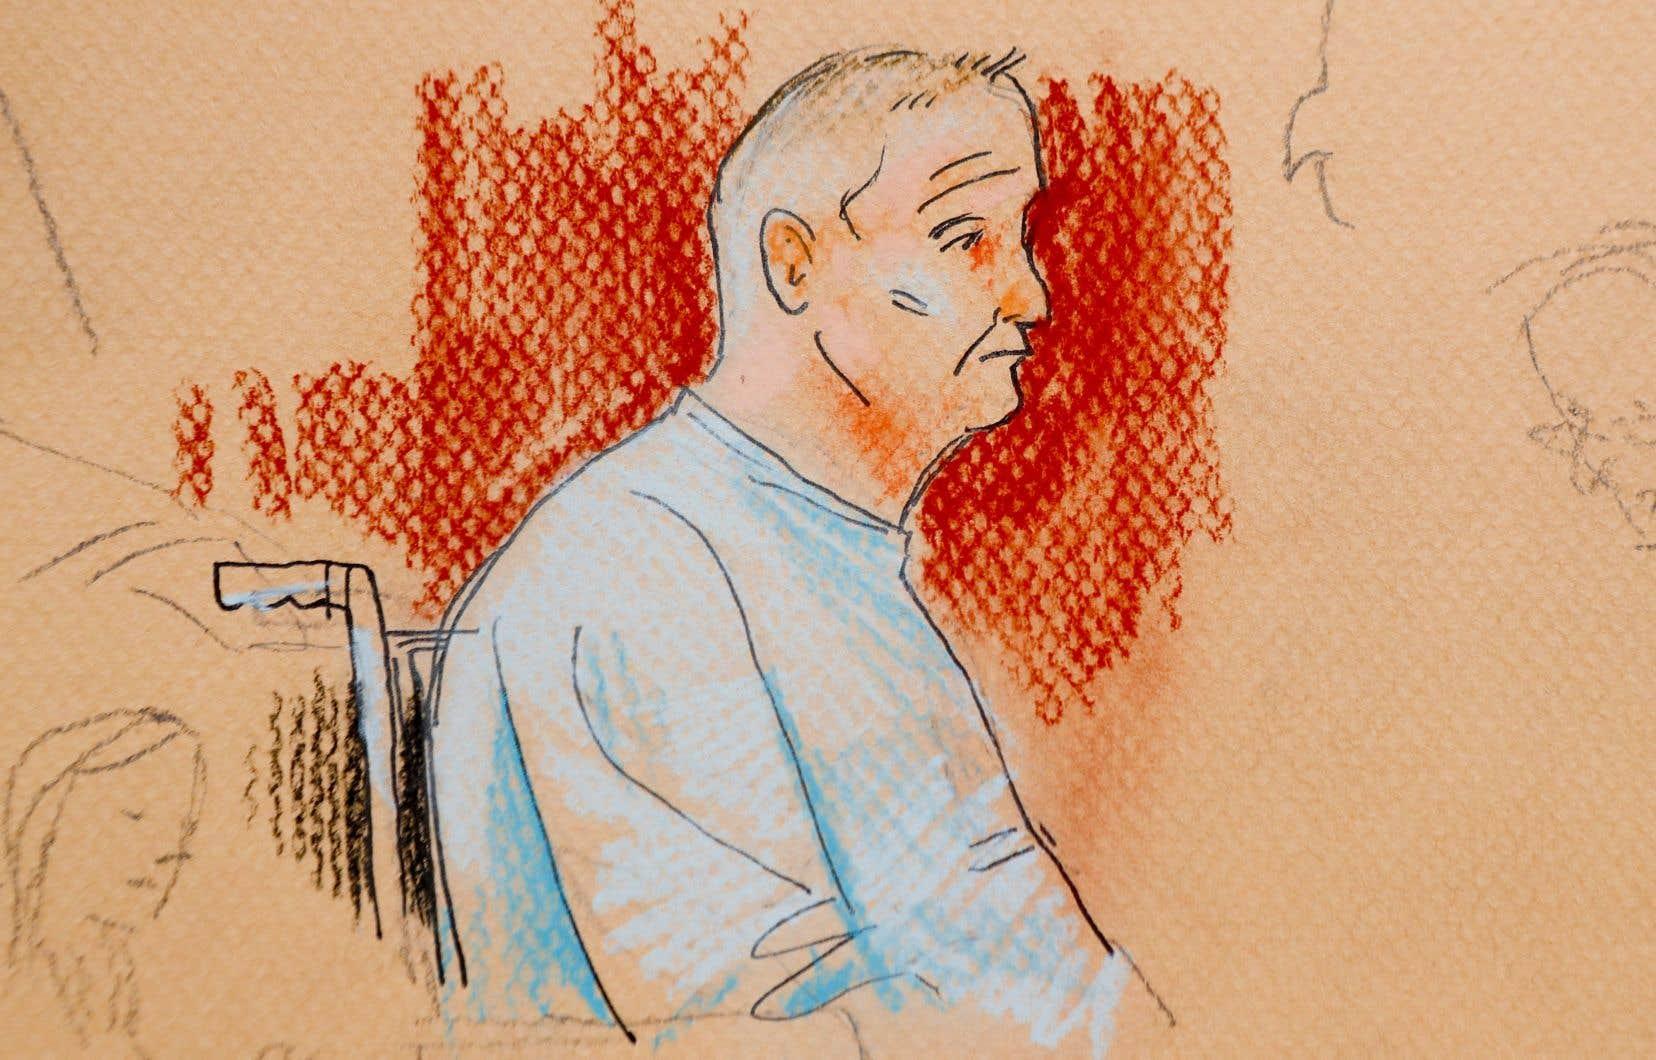 Robert Bowers, 46 ans, fait l'objet d'accusations fédérales qui pourraient lui valoir la peine de mort.